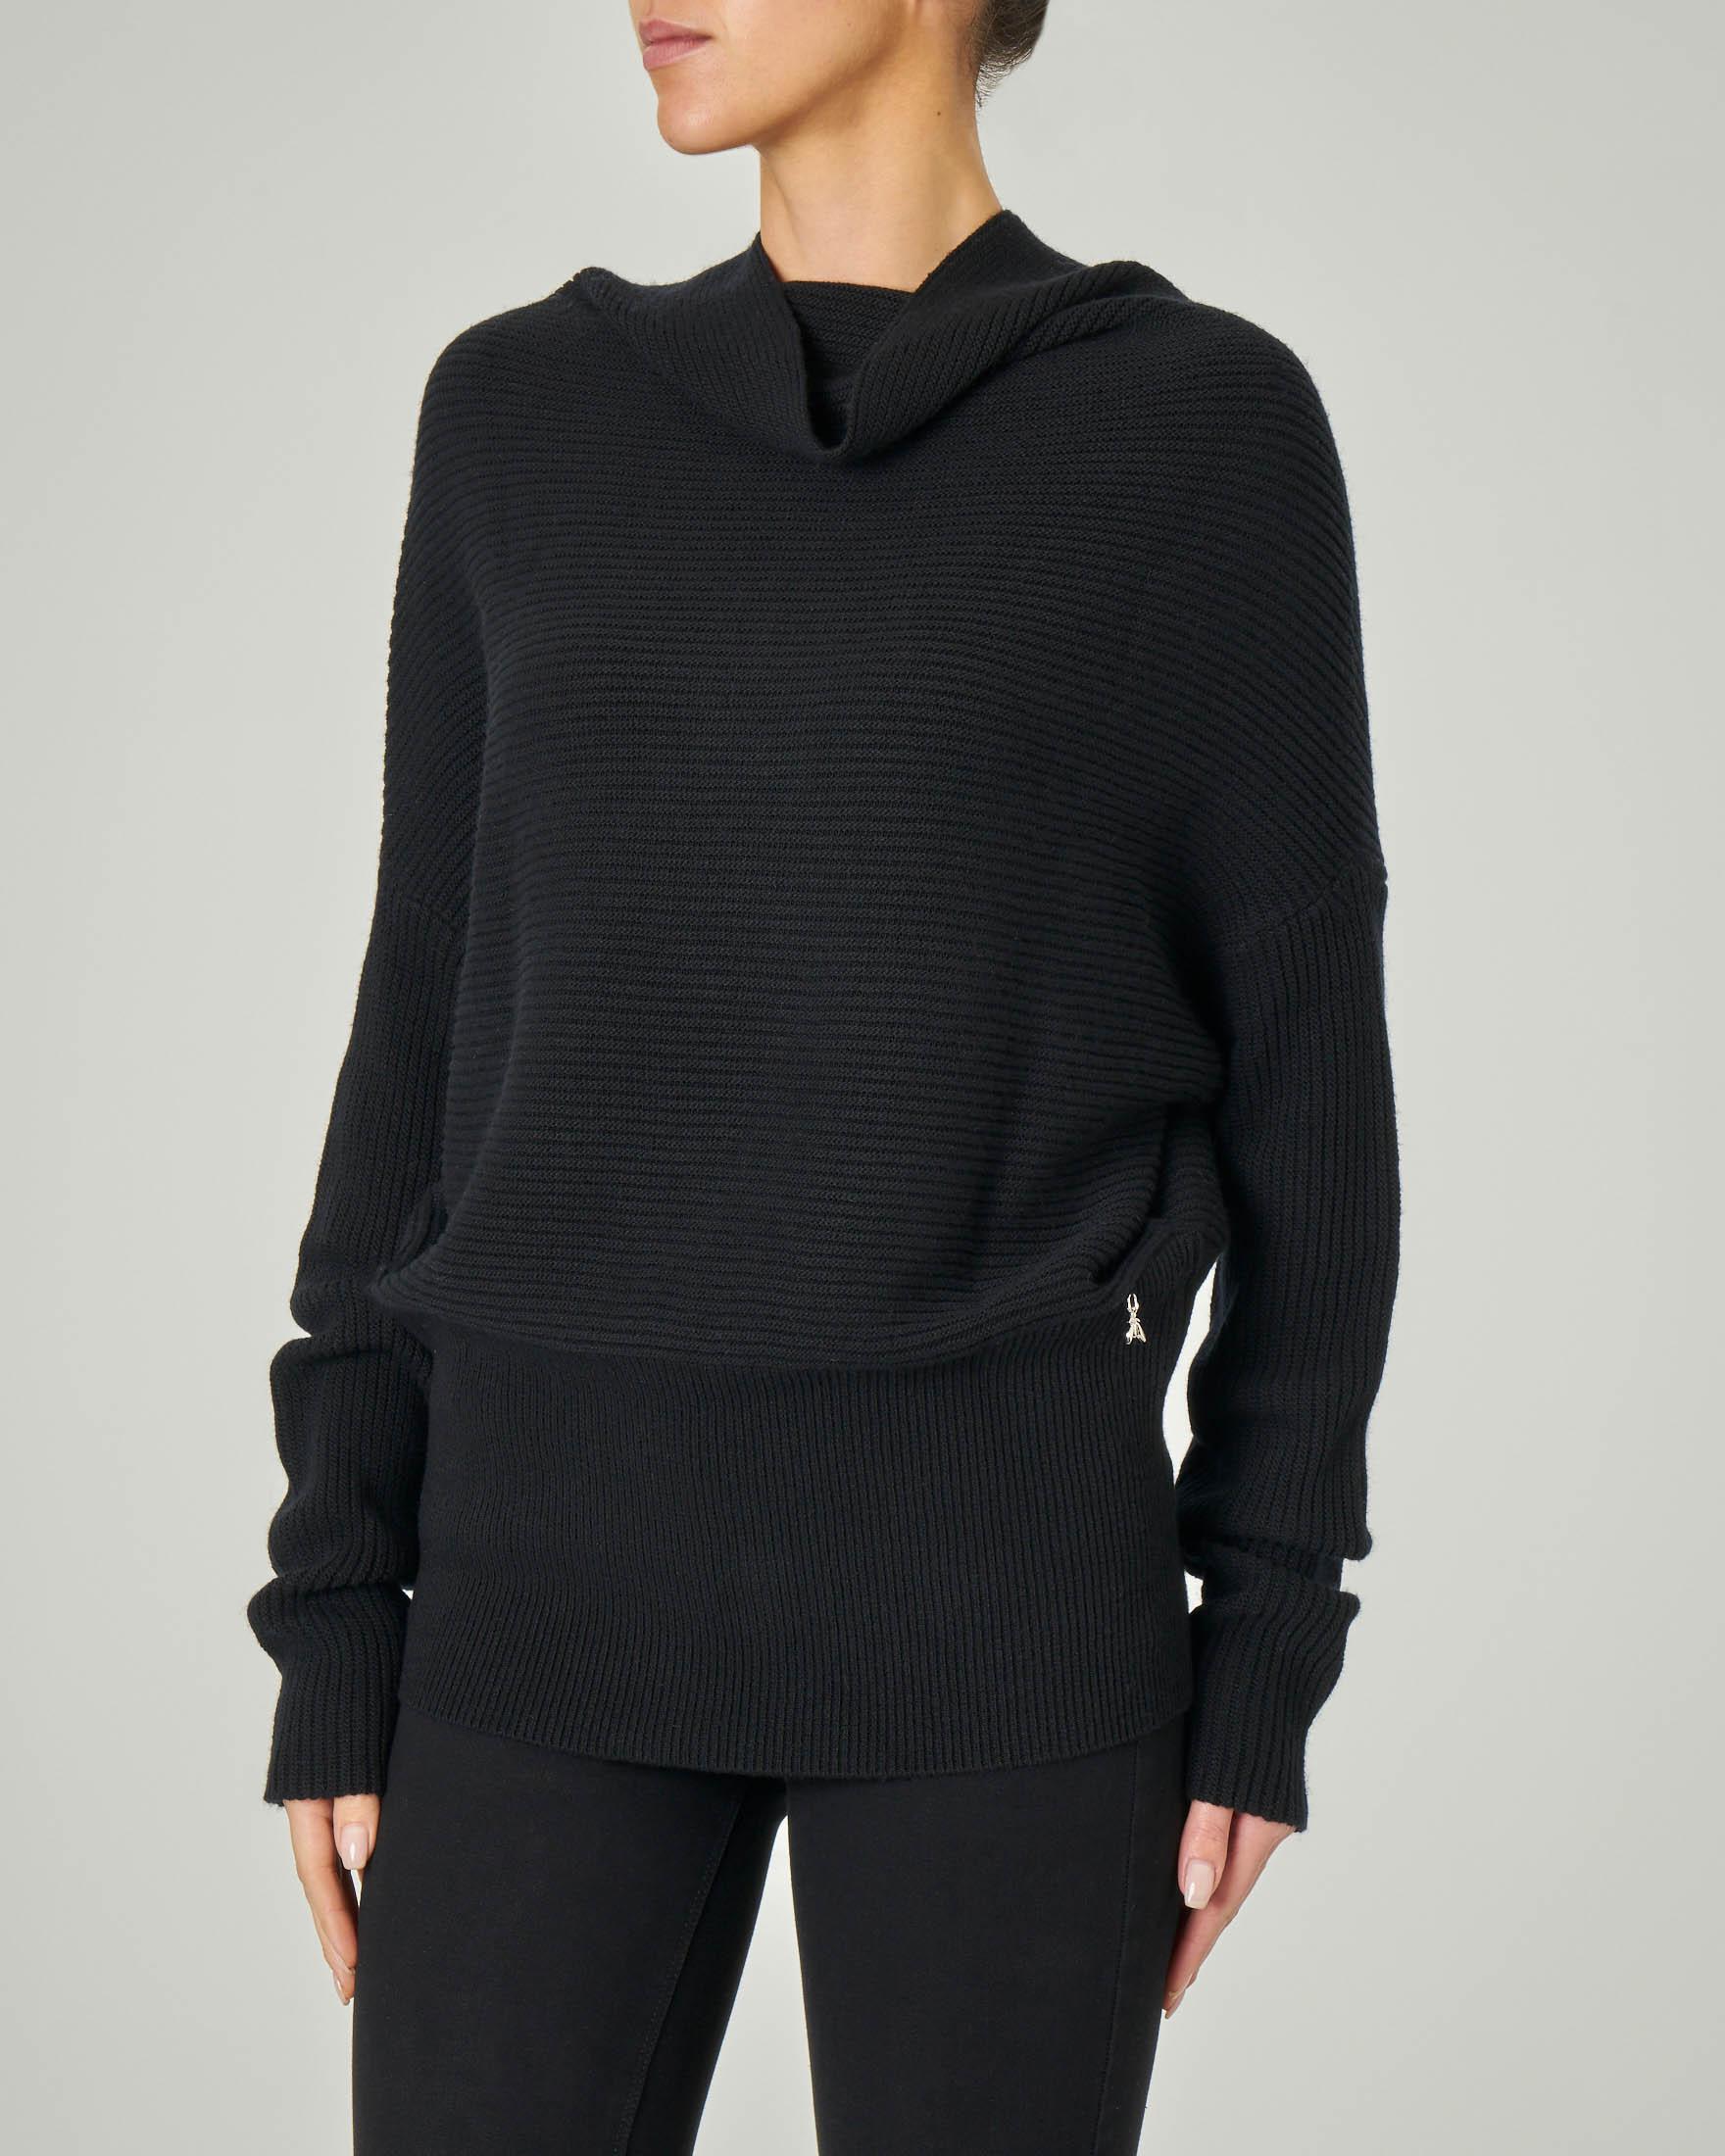 Maglia tricot nera con collo alto in viscosa misto mohair